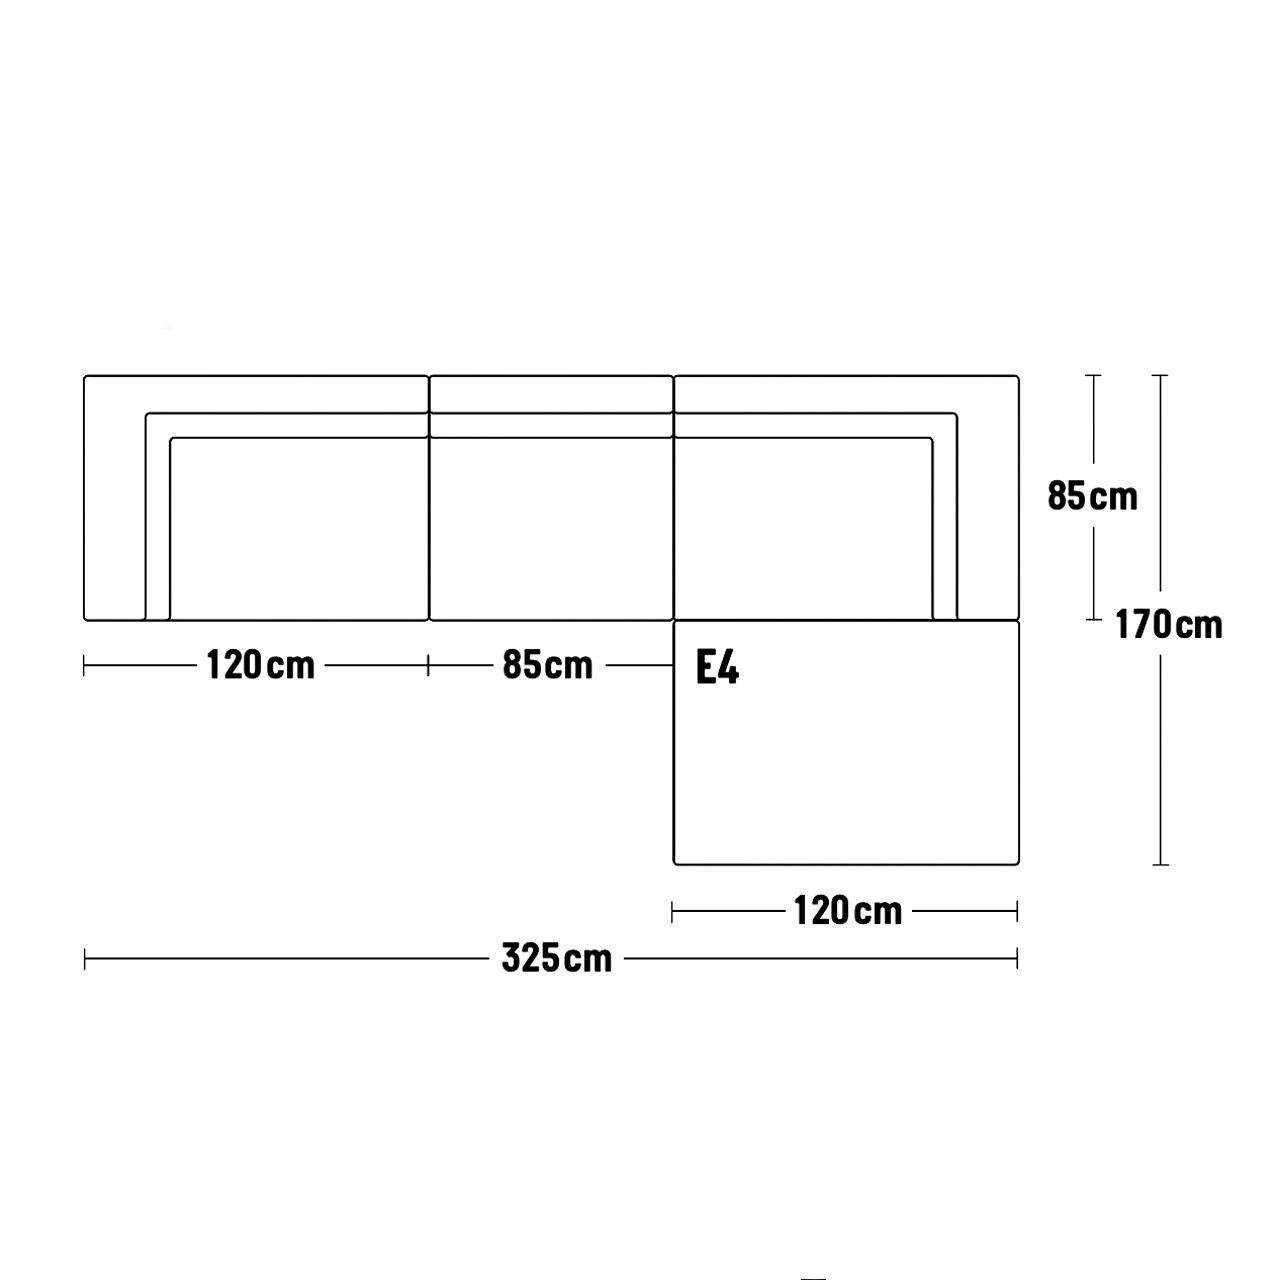 Sofa Delphi Skizze 325cm